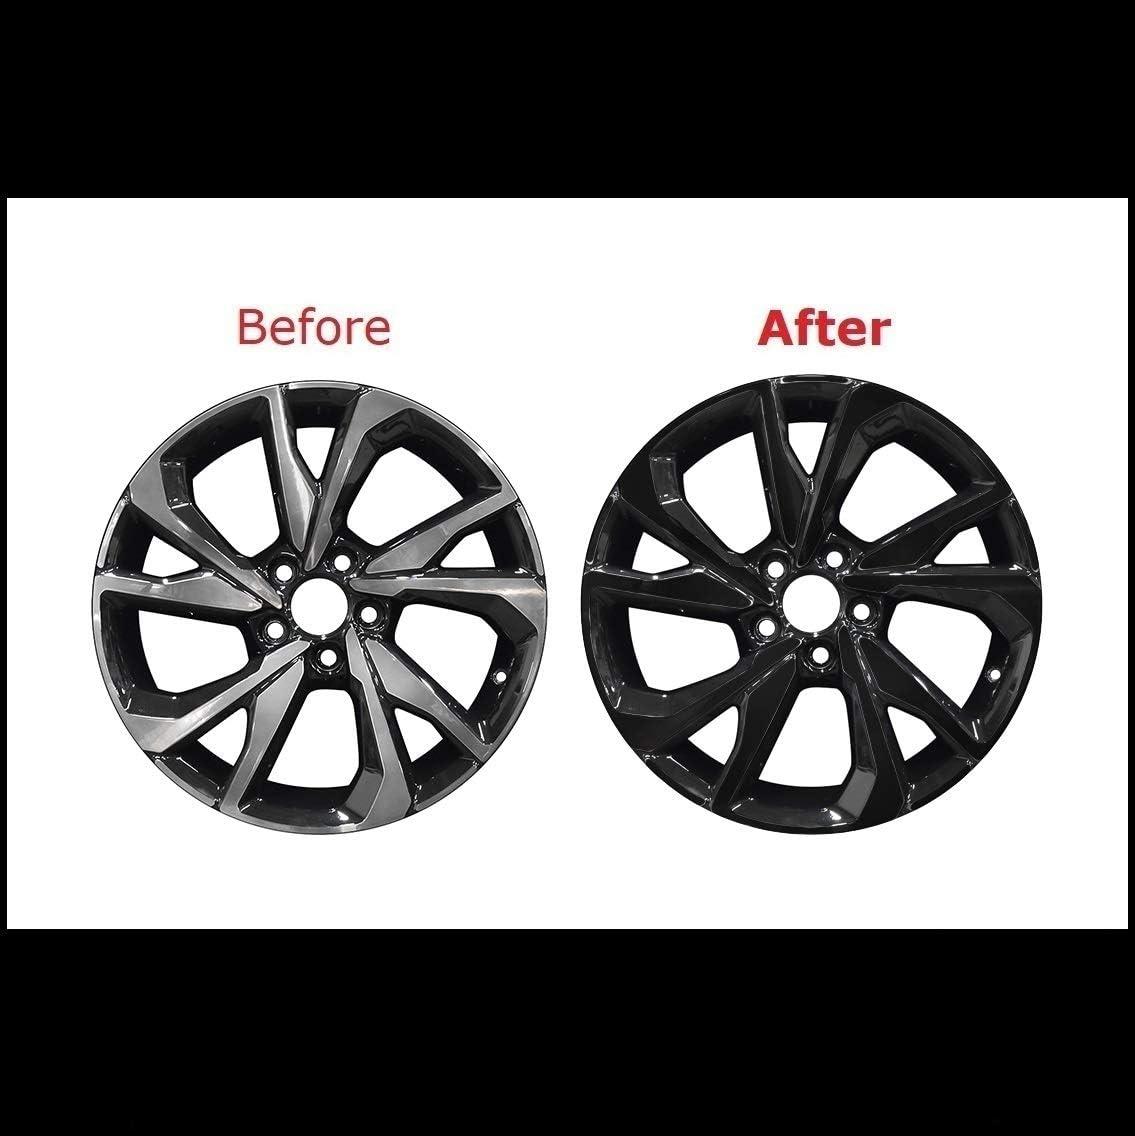 Amazon Com Chrome Delete Blackout Overlay For 2016 20 Honda Civic Sport Wheels Rims Trim Matte Black Automotive